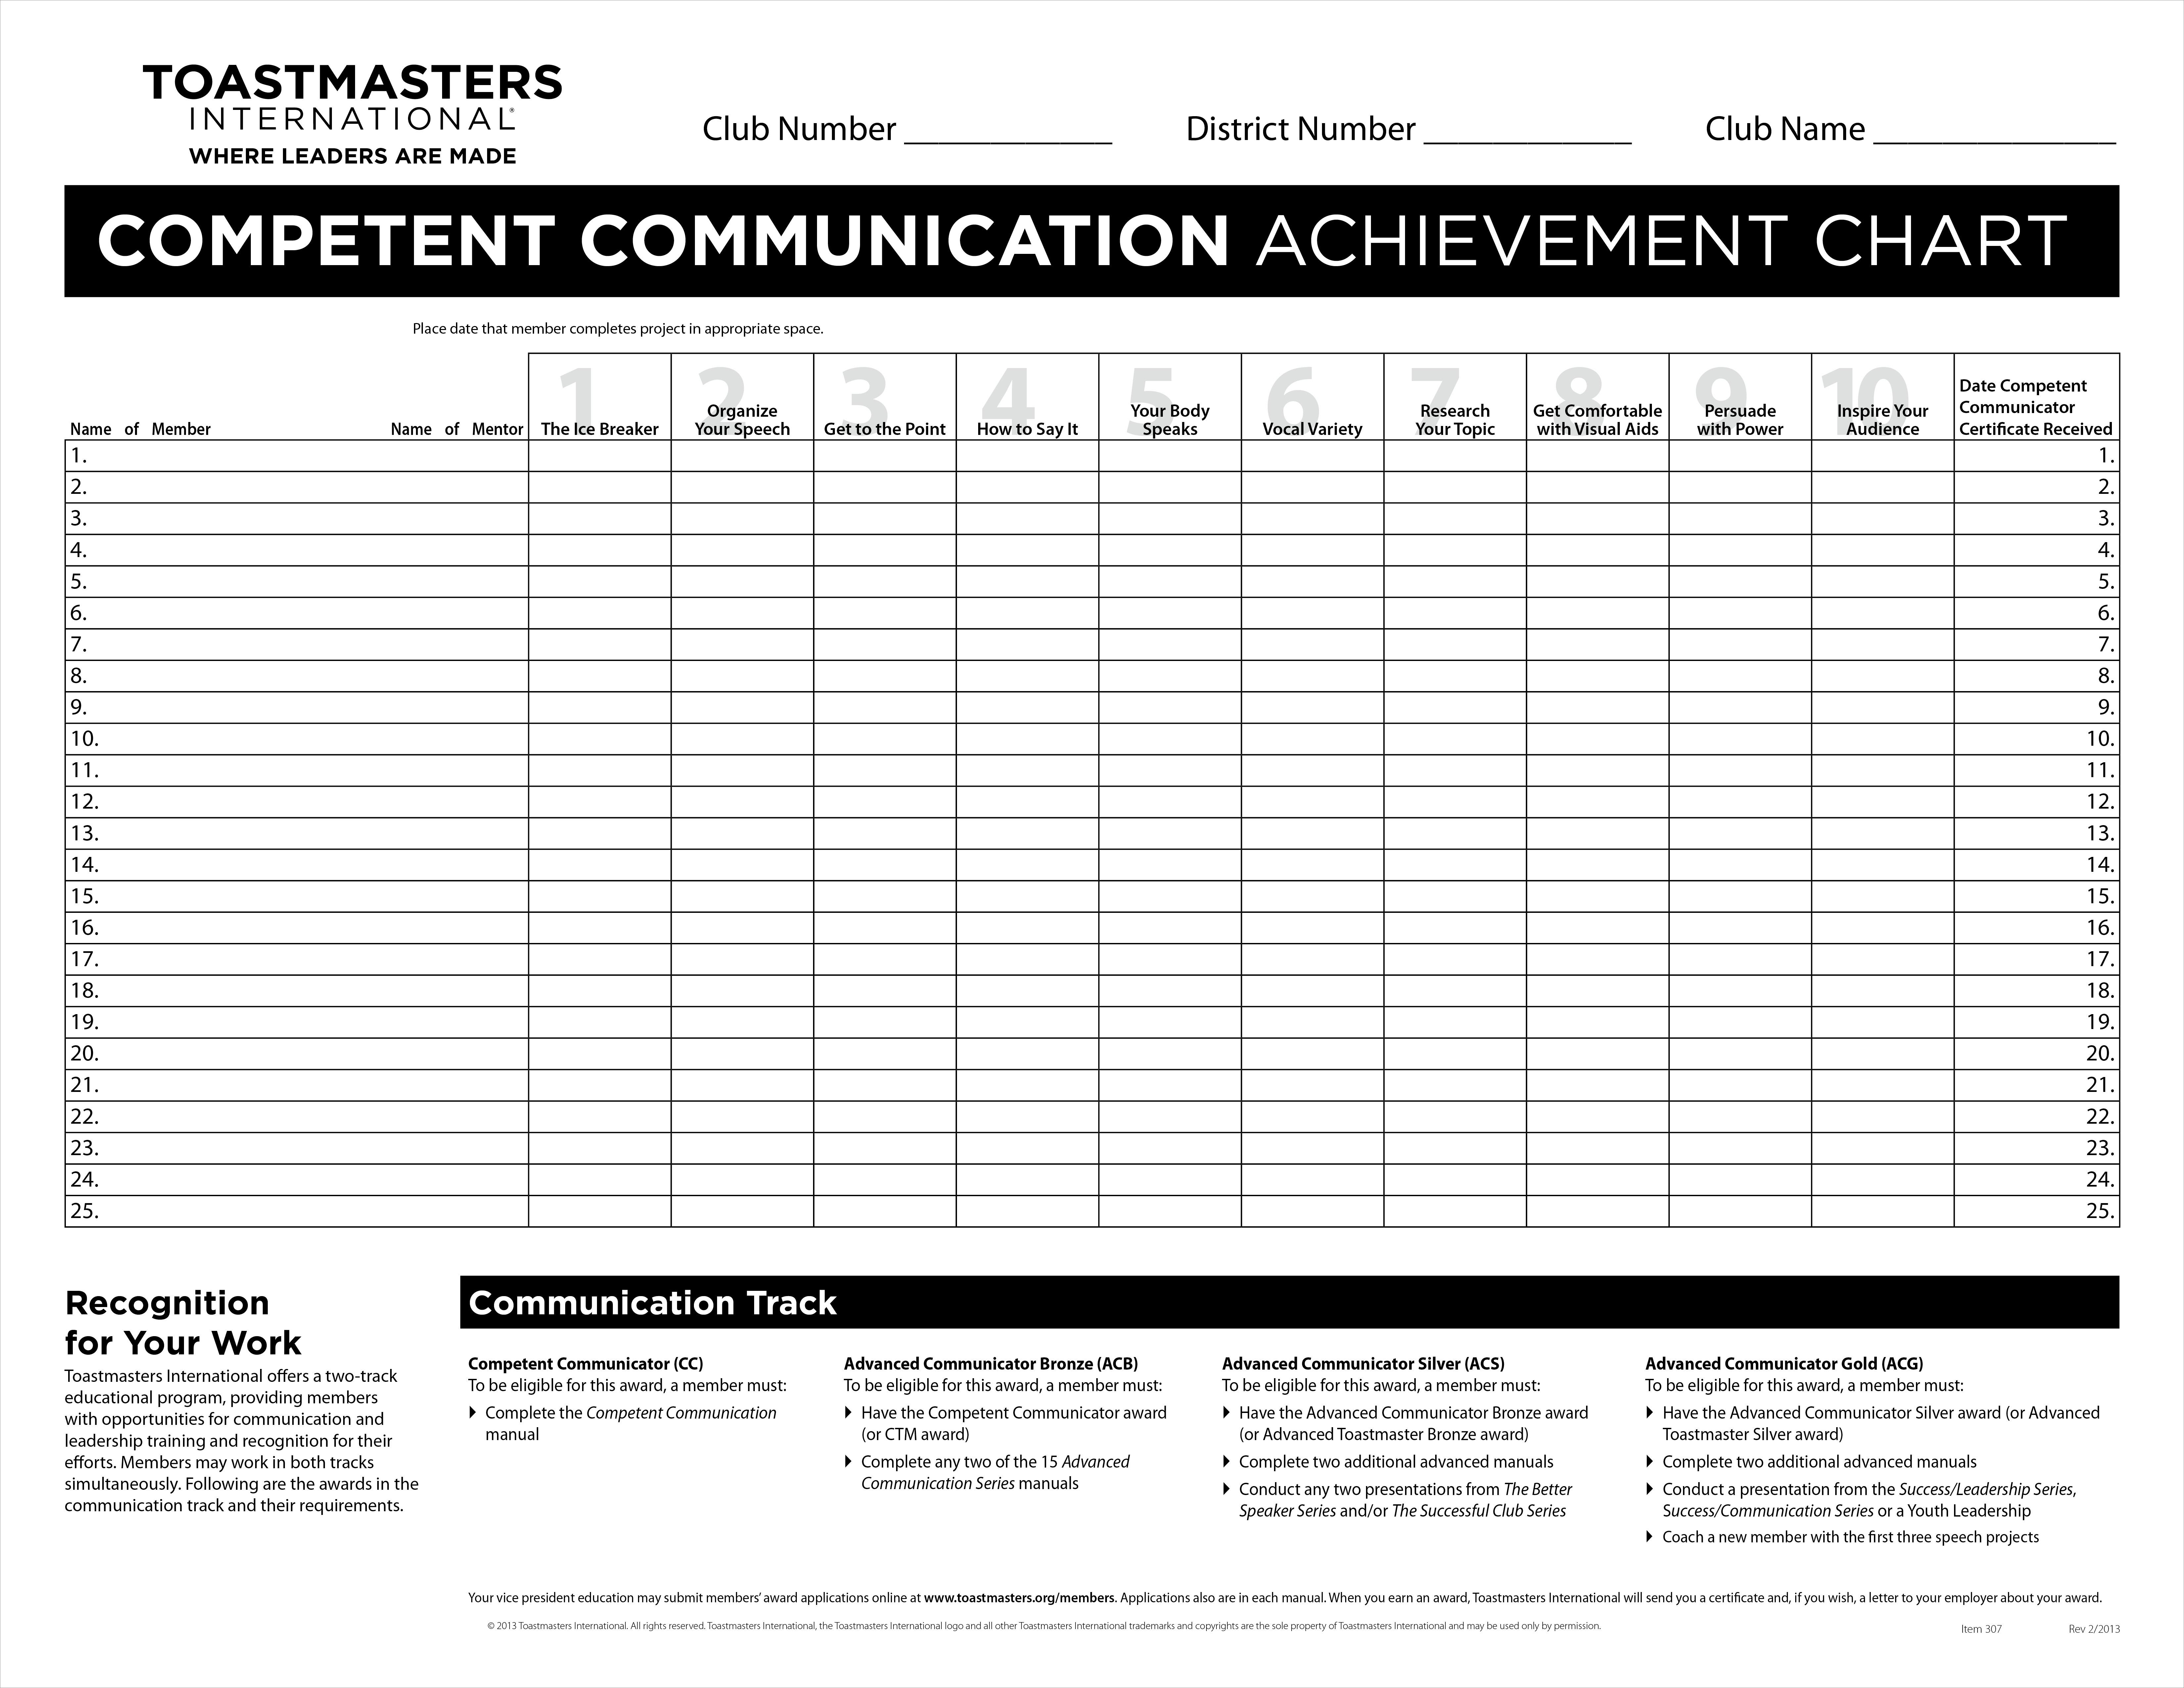 competent communication achievement chart